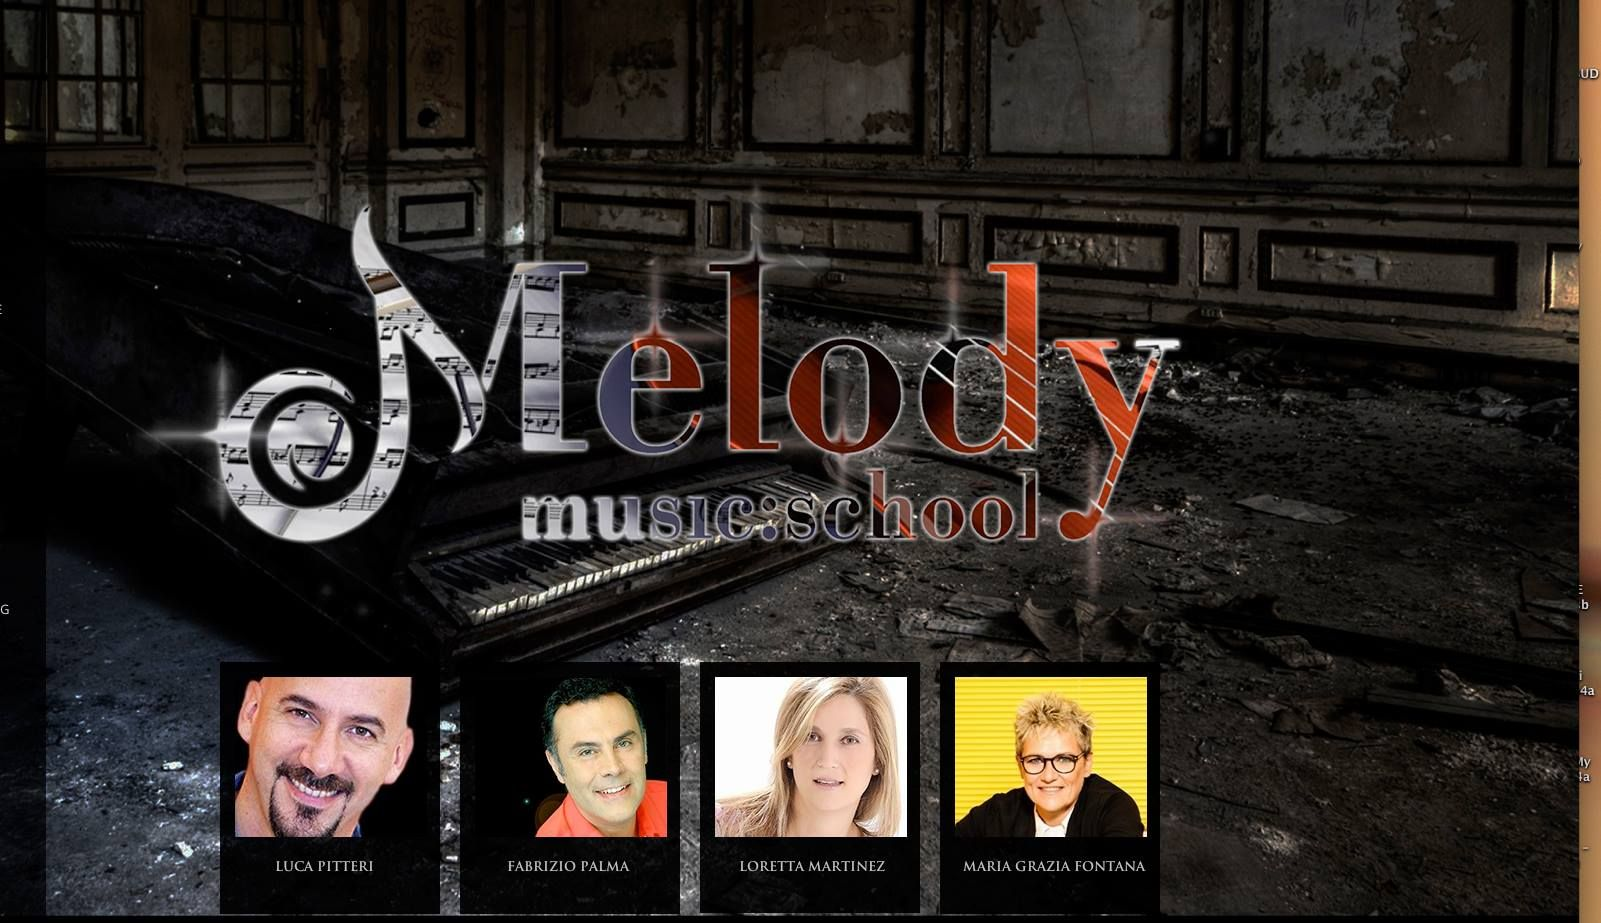 LEZIONI INDIVIDUALI DI CANTO MODERNO CON I MAESTRI FABRIZIO PALMA, LUCA PITTERI, LORETTA MARTINEZ E MARIA GRAZIA FONTANA   www.melodymusicschool.it